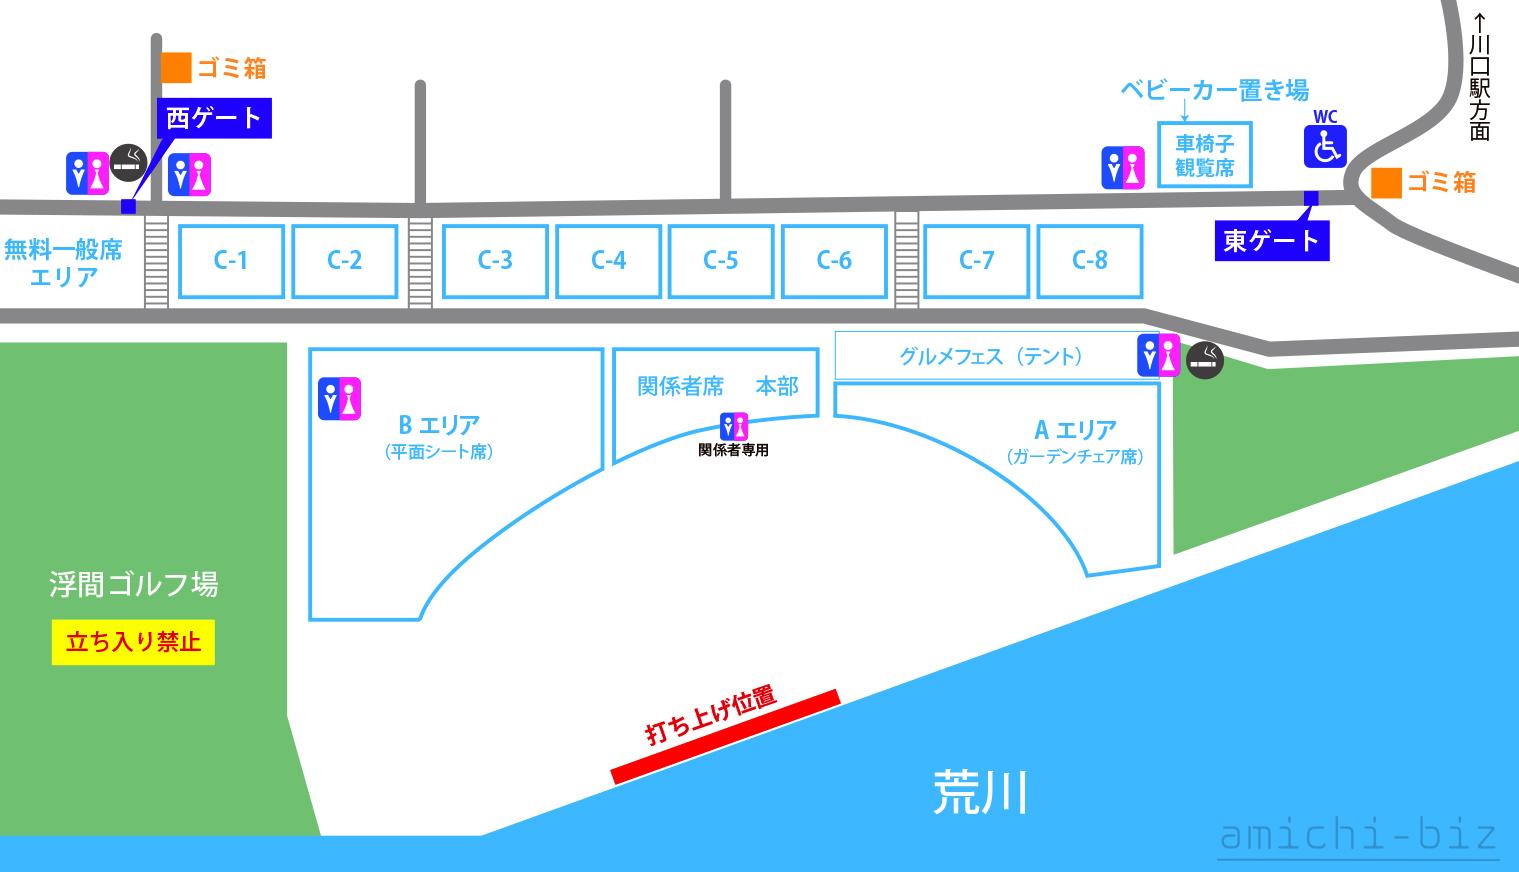 川口花火大会2019(5月18日) 仮設トイレ・喫煙所・ゴミ箱の設置場所